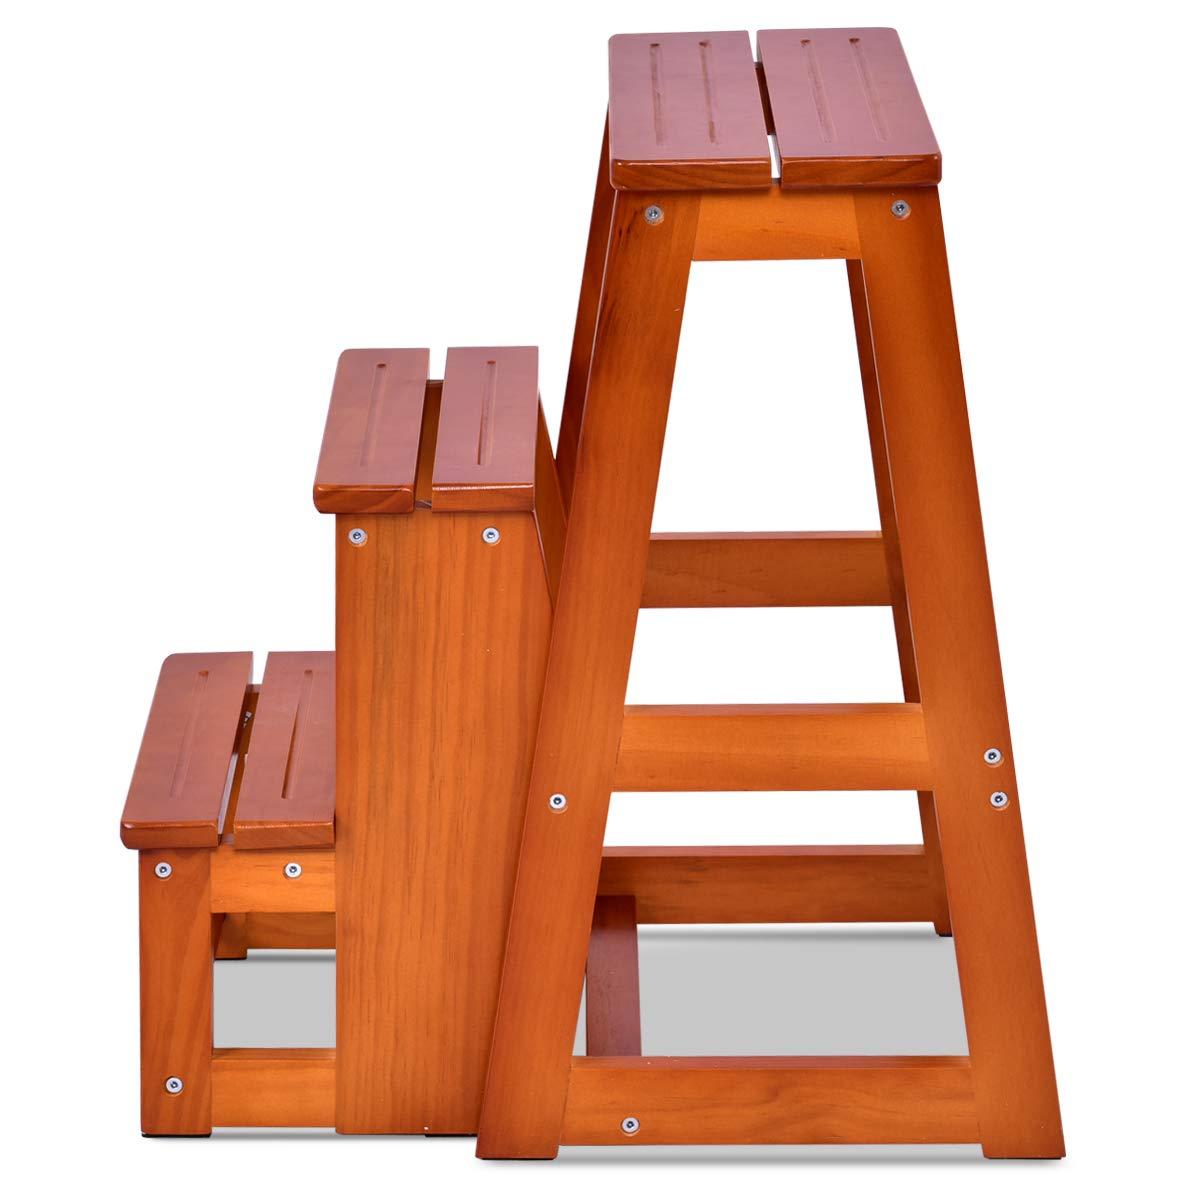 COSTWY Escalera Silla de Madera Plegable Multifunci/ón Escalera Banqueta Taburete Estanter/ía Escal/ón para Ba/ño Hogar Decoraci/ón Marr/ón oscuro